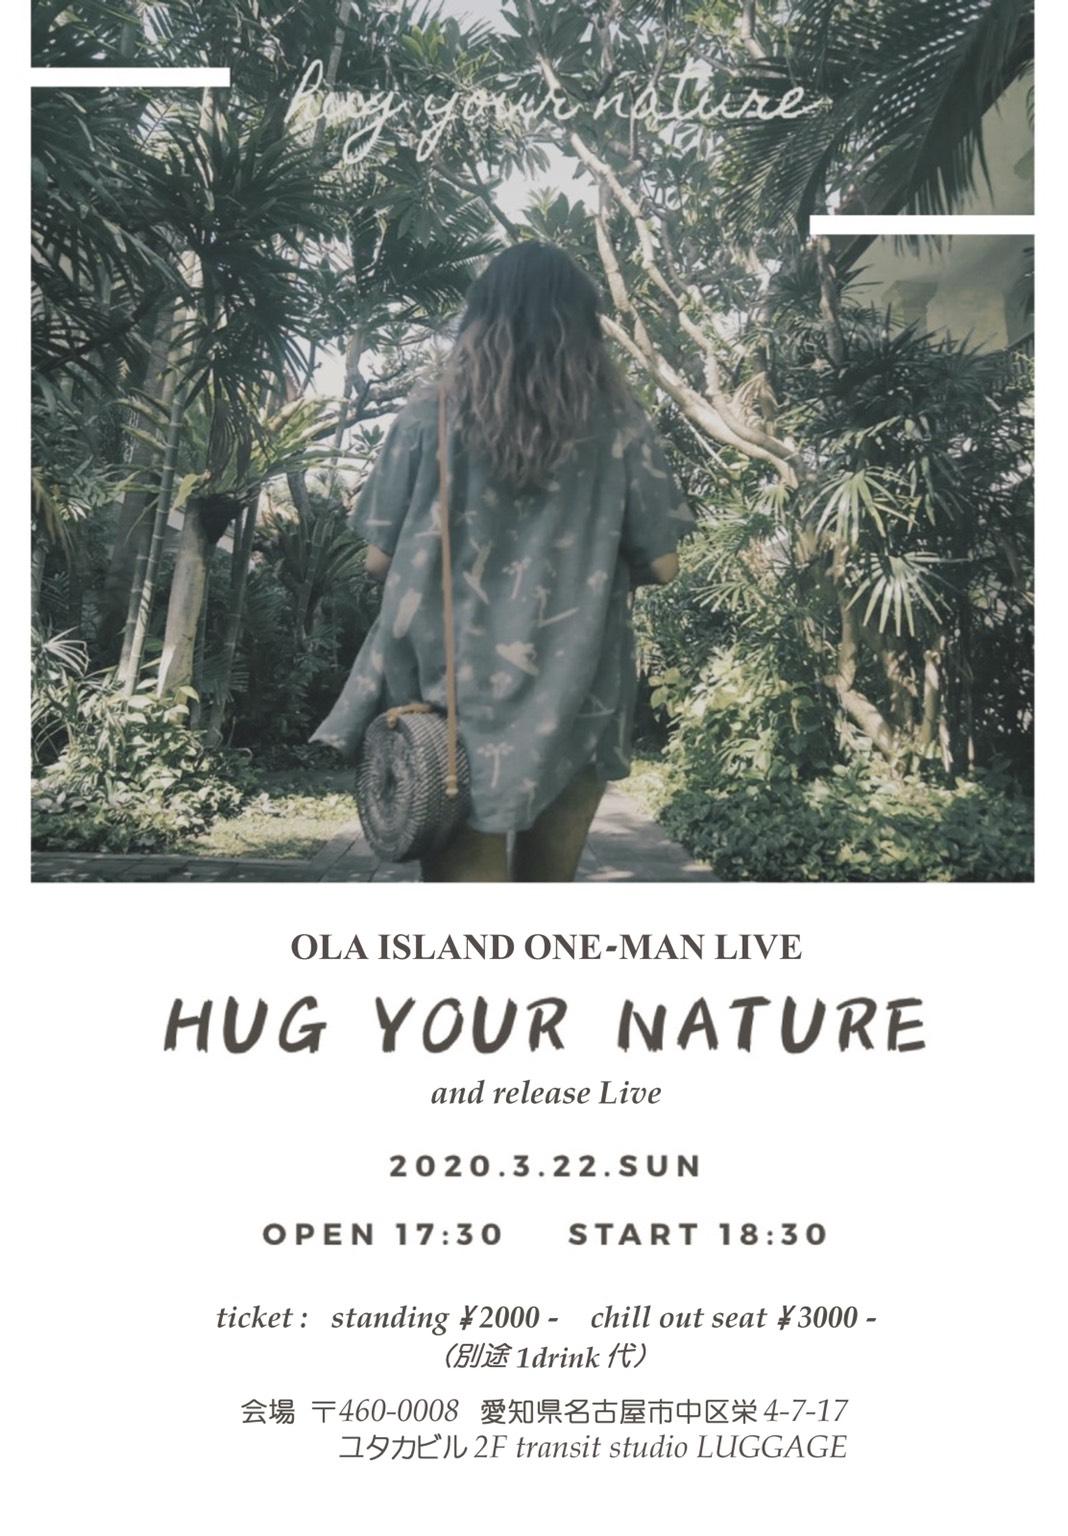 hug your nature